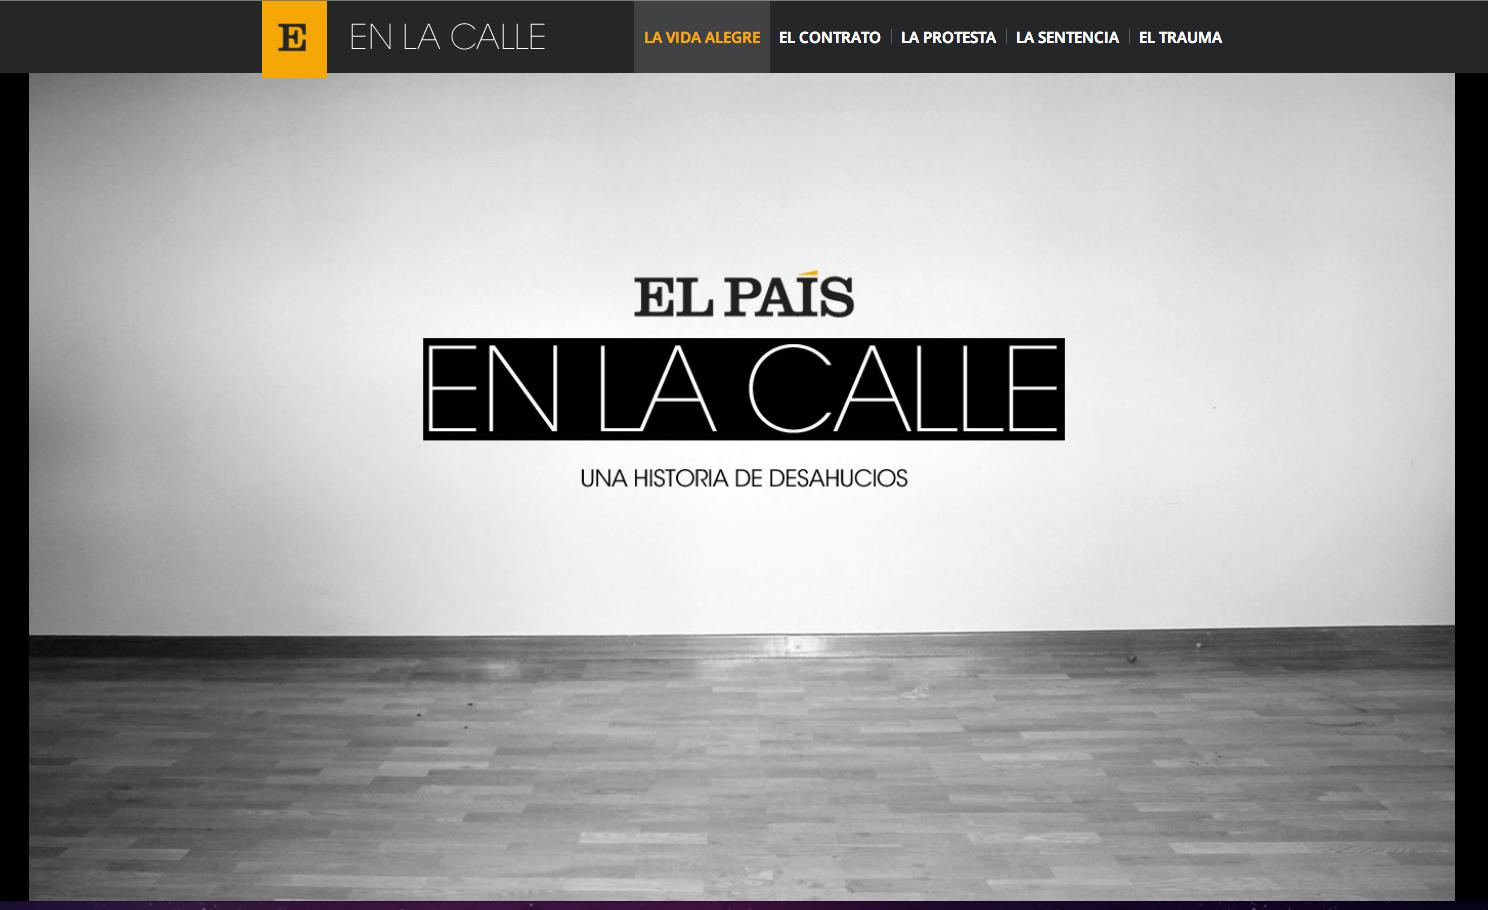 http://elpais.com/especiales/2013/desahucios/